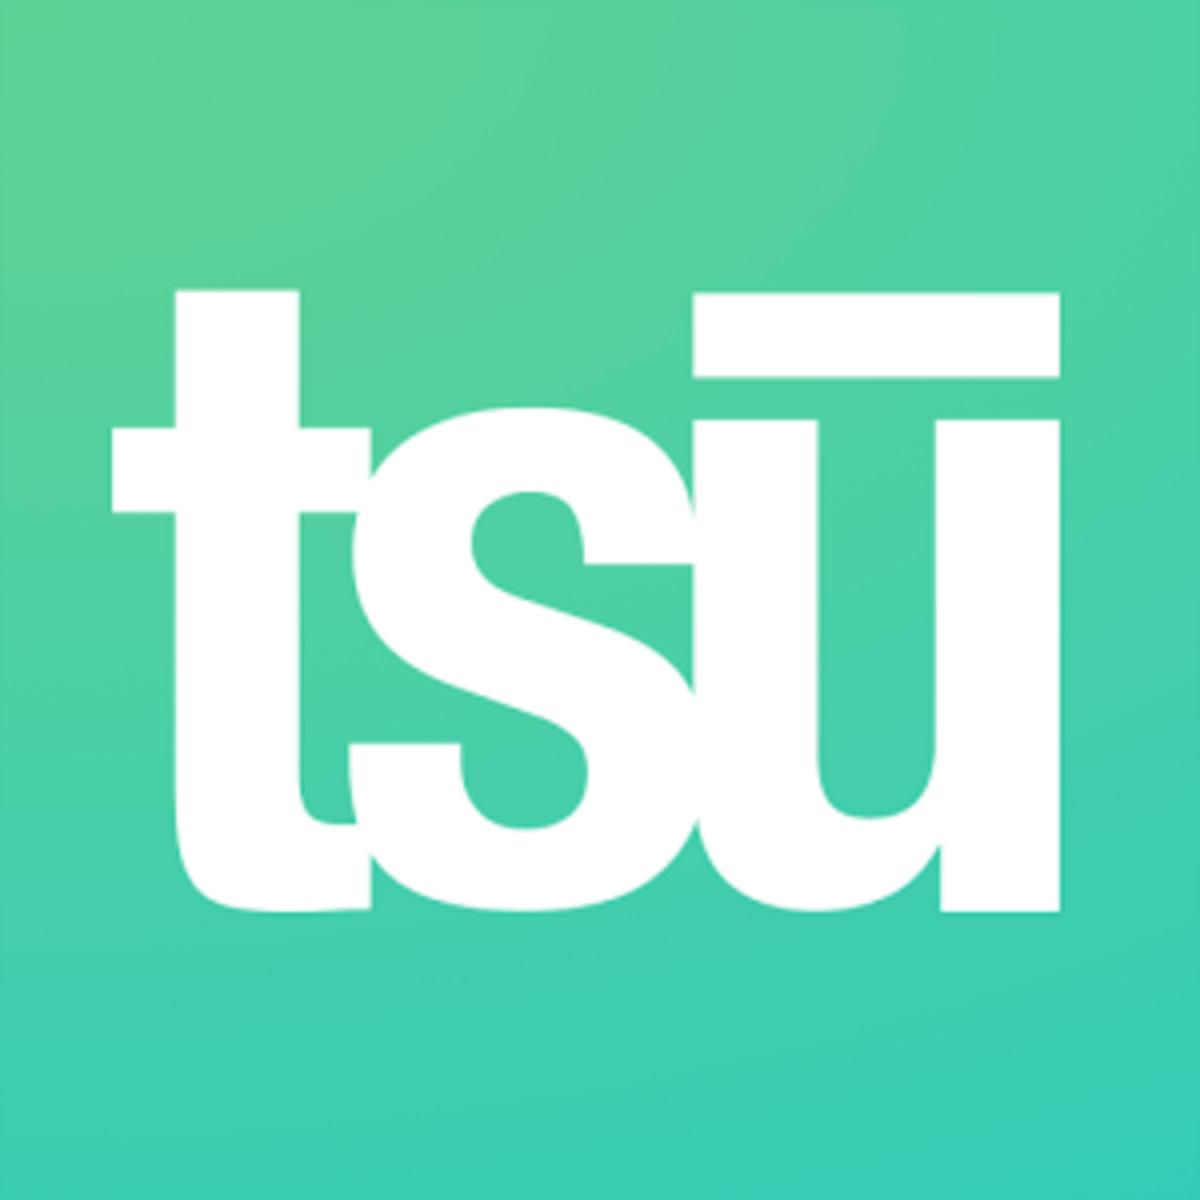 شركة tsu الافضل من الفيسبوك والذي يمنحك مقابل ما تقوم بنشره